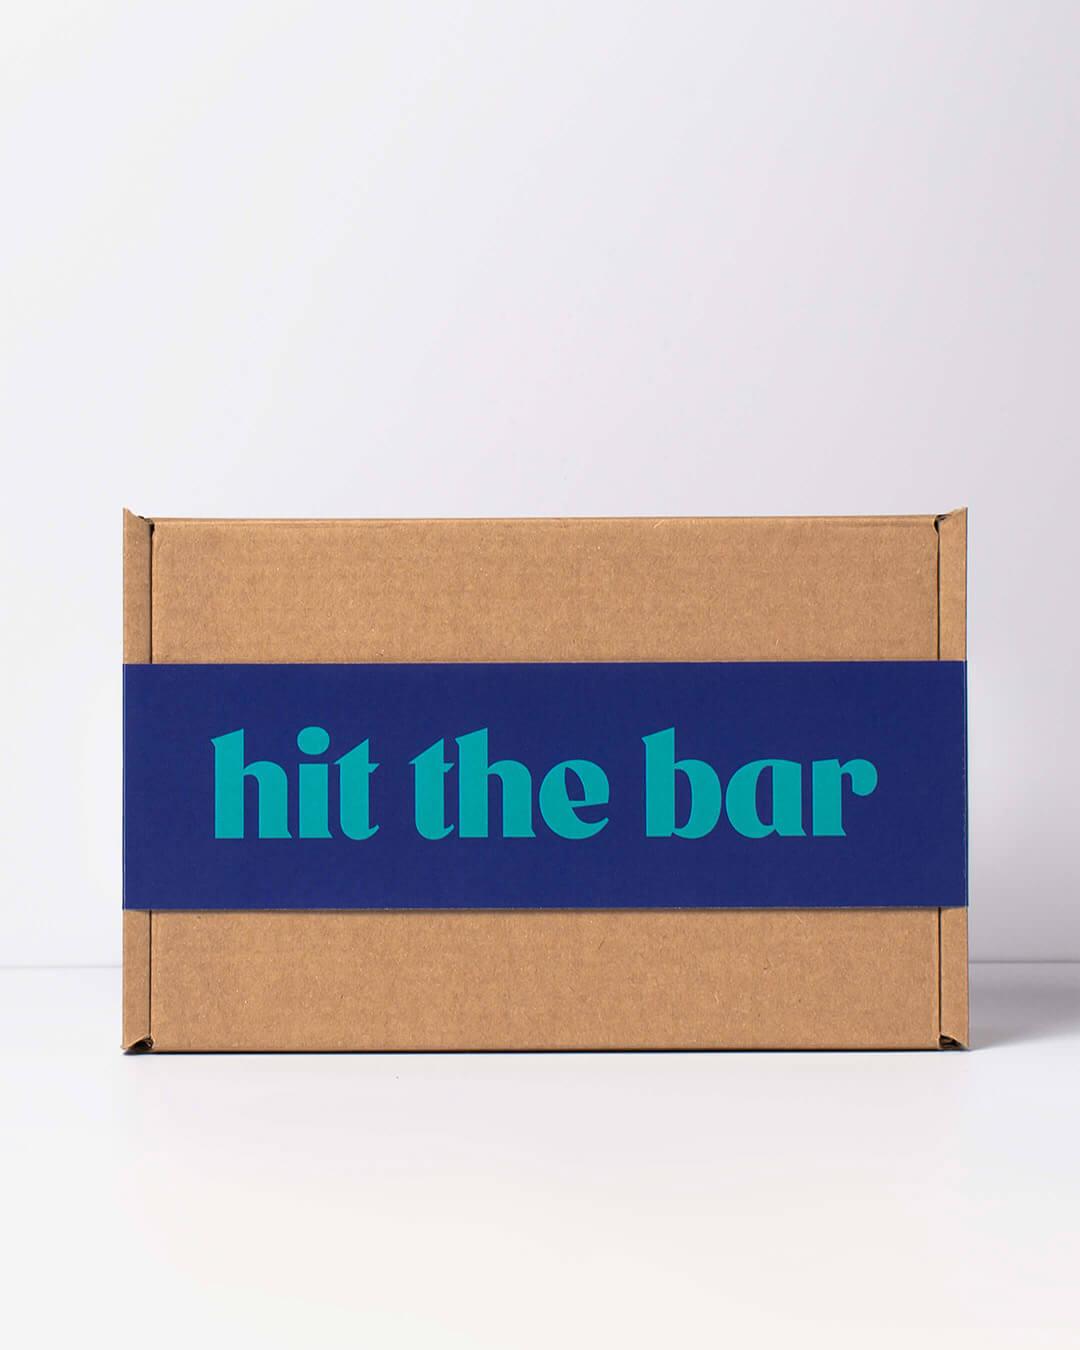 ta. craft beer box packaging